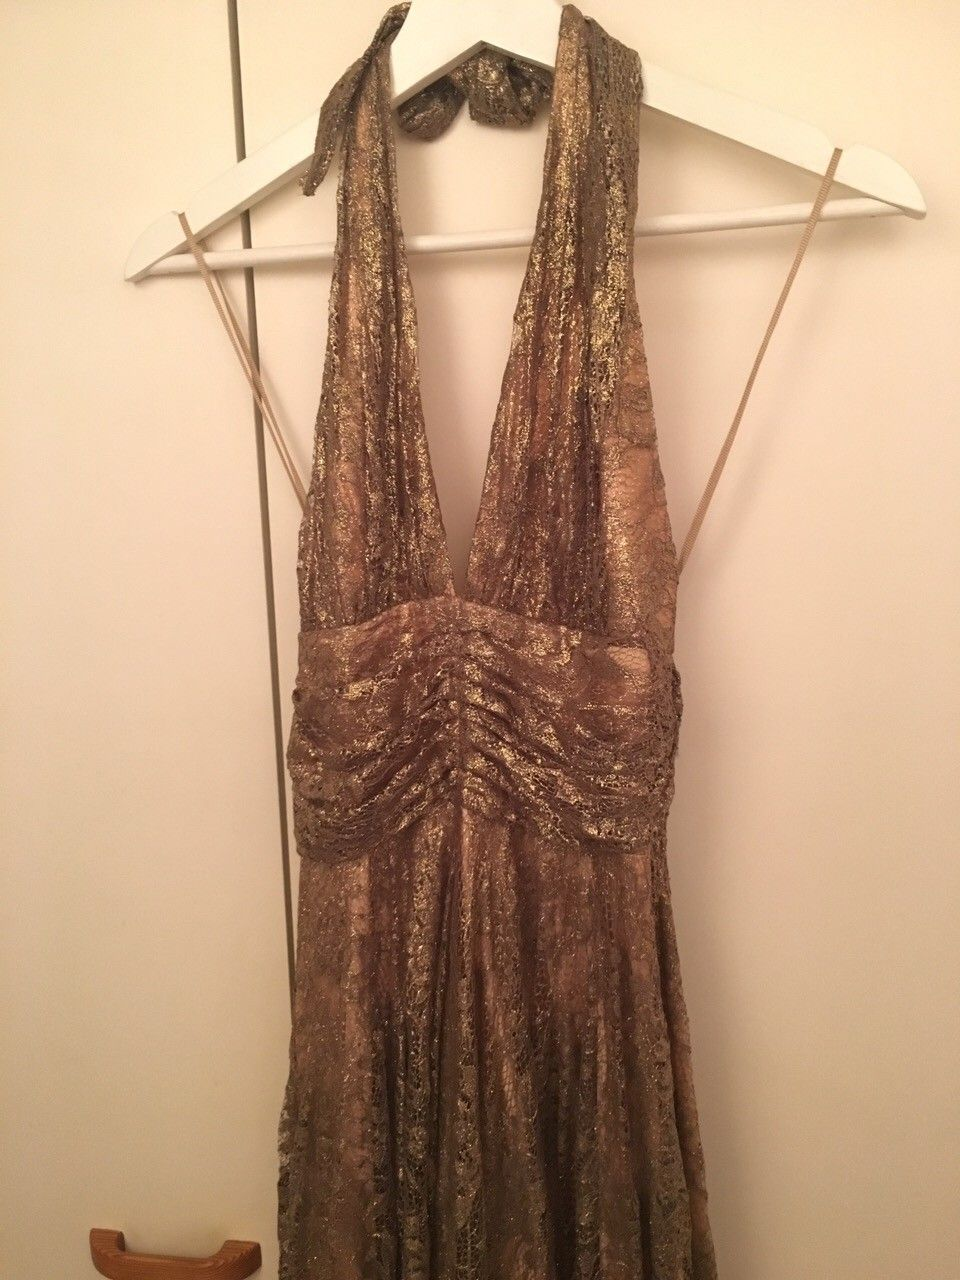 Nydelig gullkjole - Oslo  - Jeg selger en flott kjole i gull stoff og underskjørt, den passer fint til ball eller flottere fest, kjolen er vakker og har en antikk stil, klassisk. Halterneck med glidelås i ryggen.    - Oslo